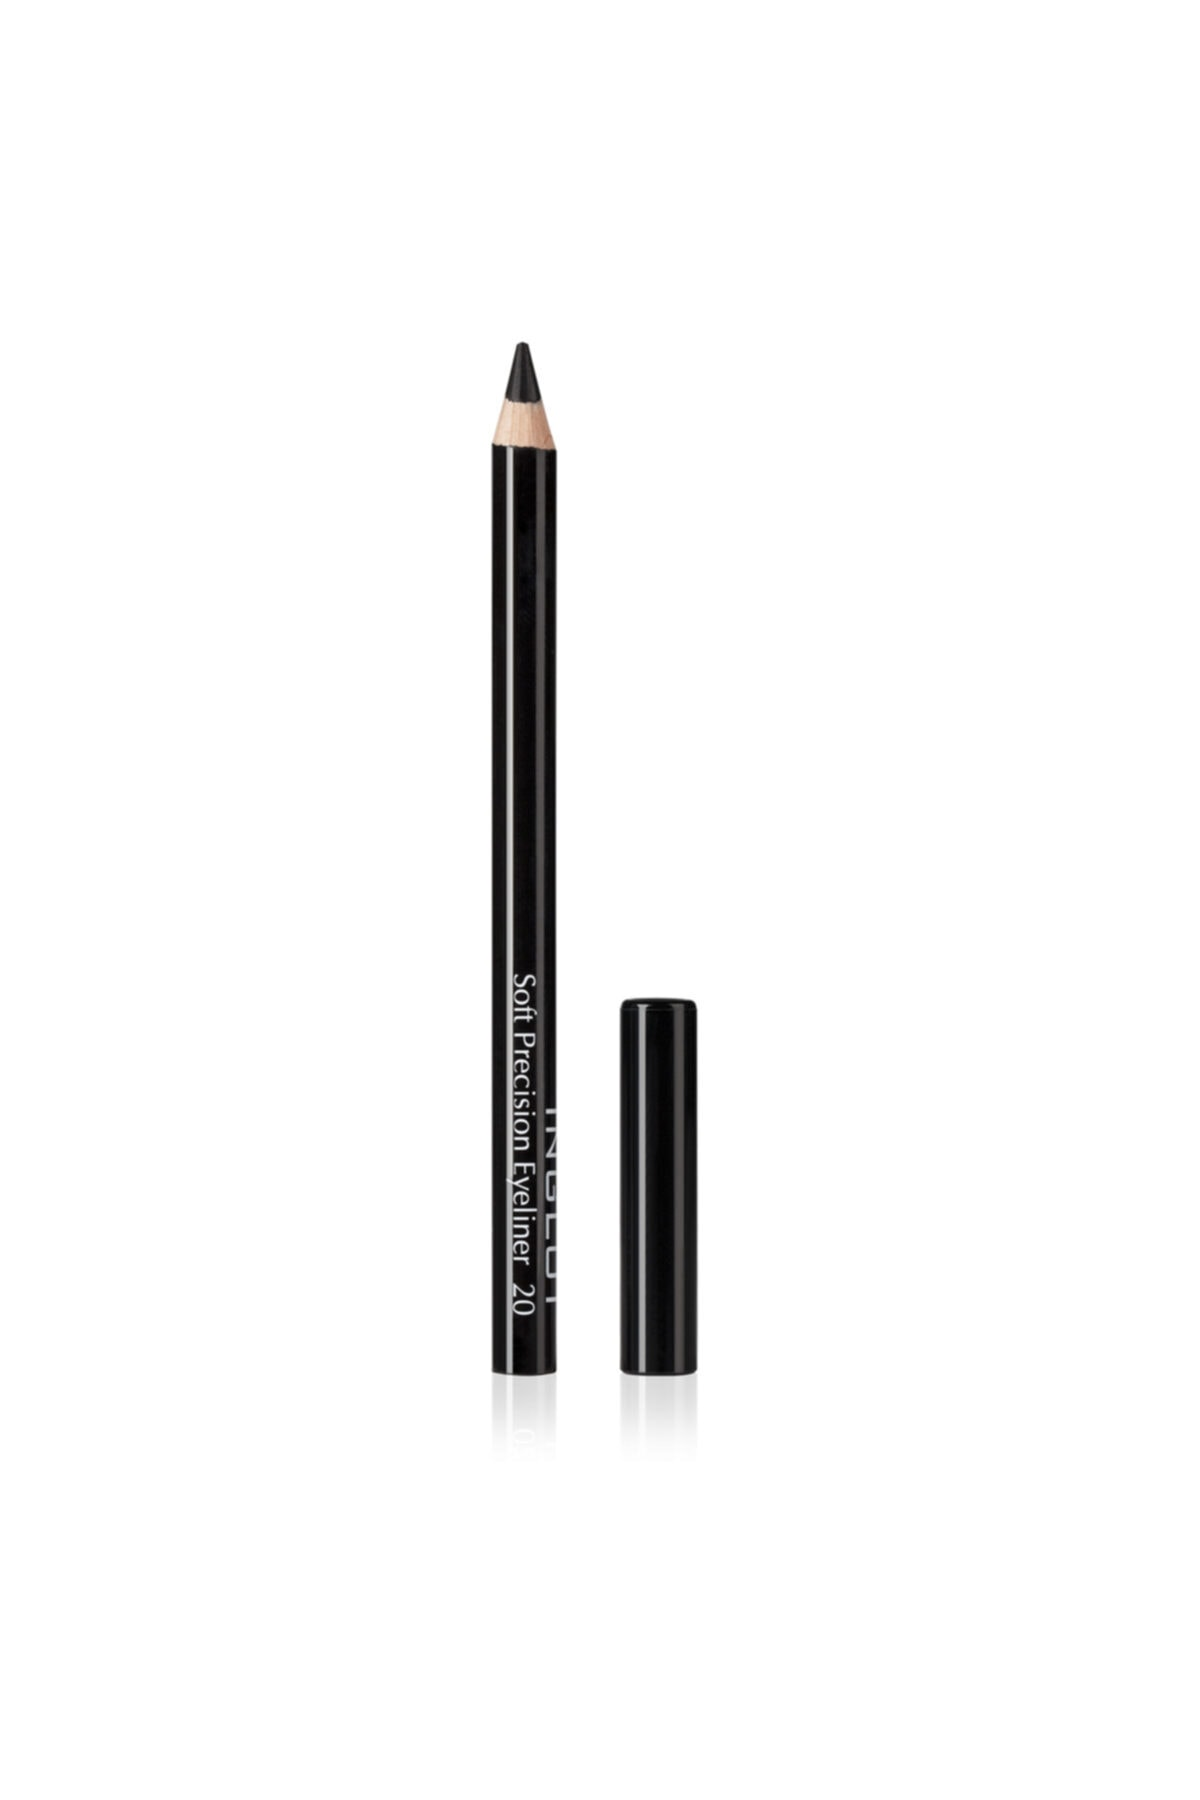 INGLOT Göz Kalemi-soft Precision Eyeliner 20 1